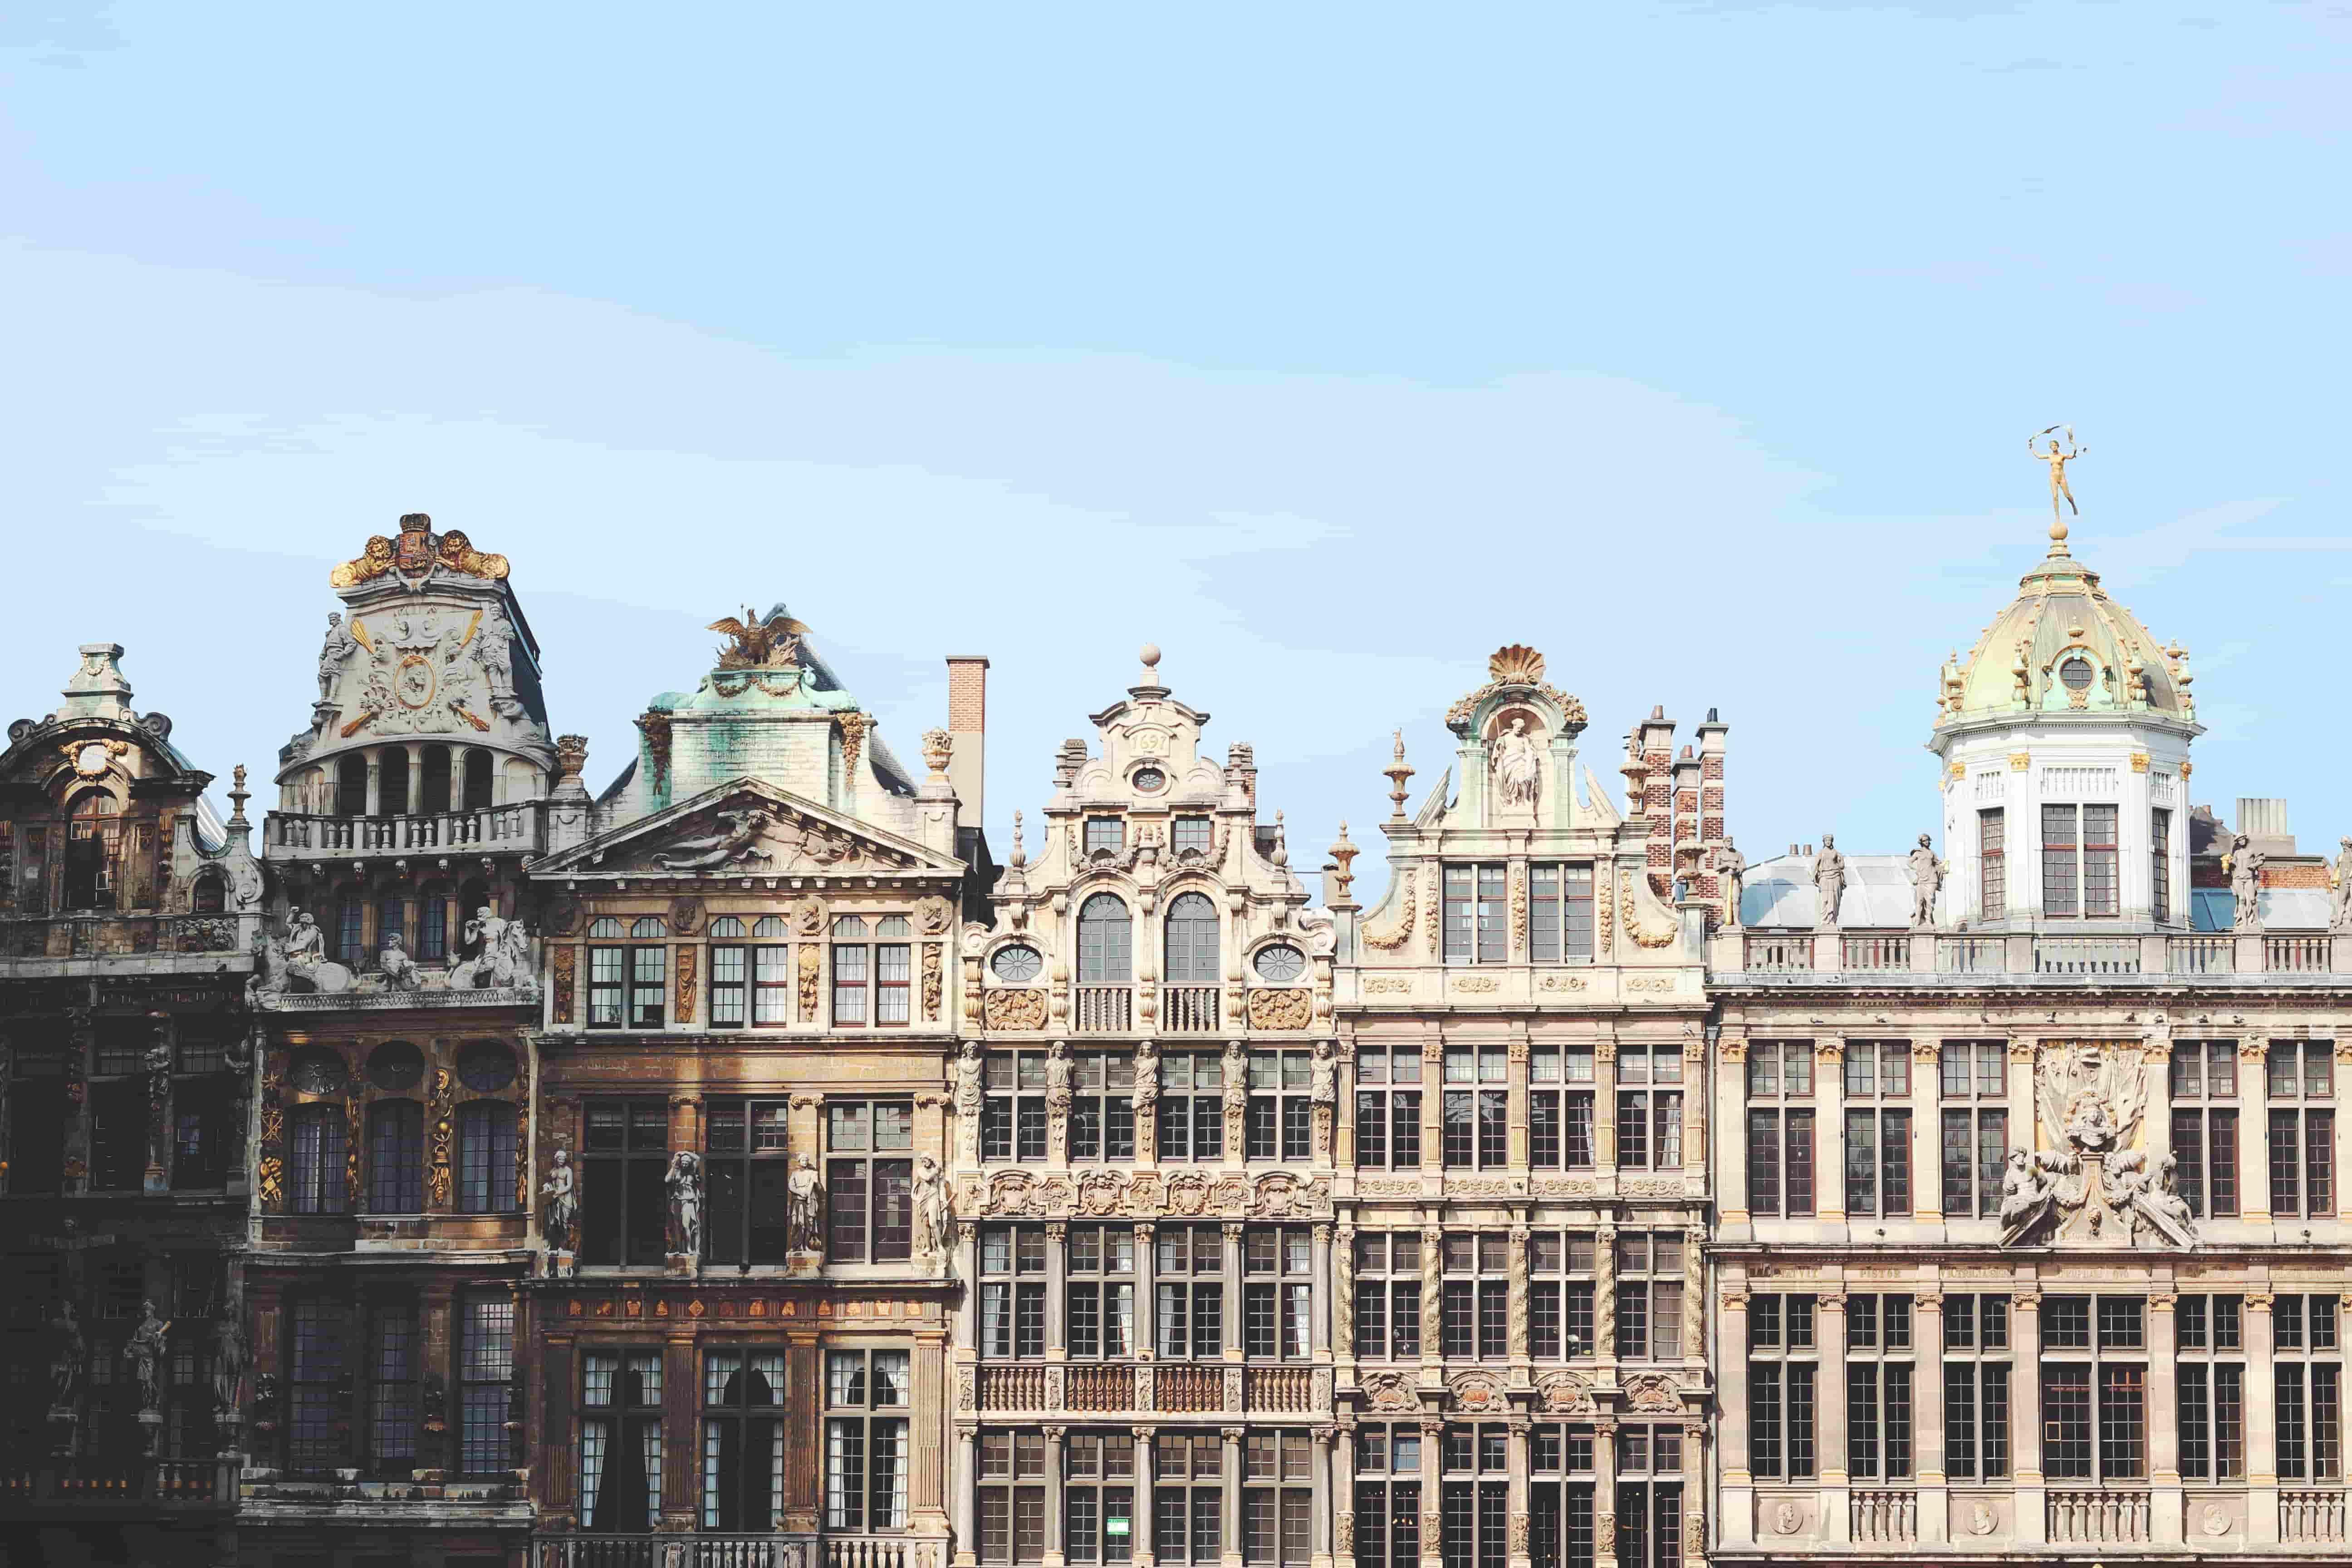 que visitar en bruselas 1